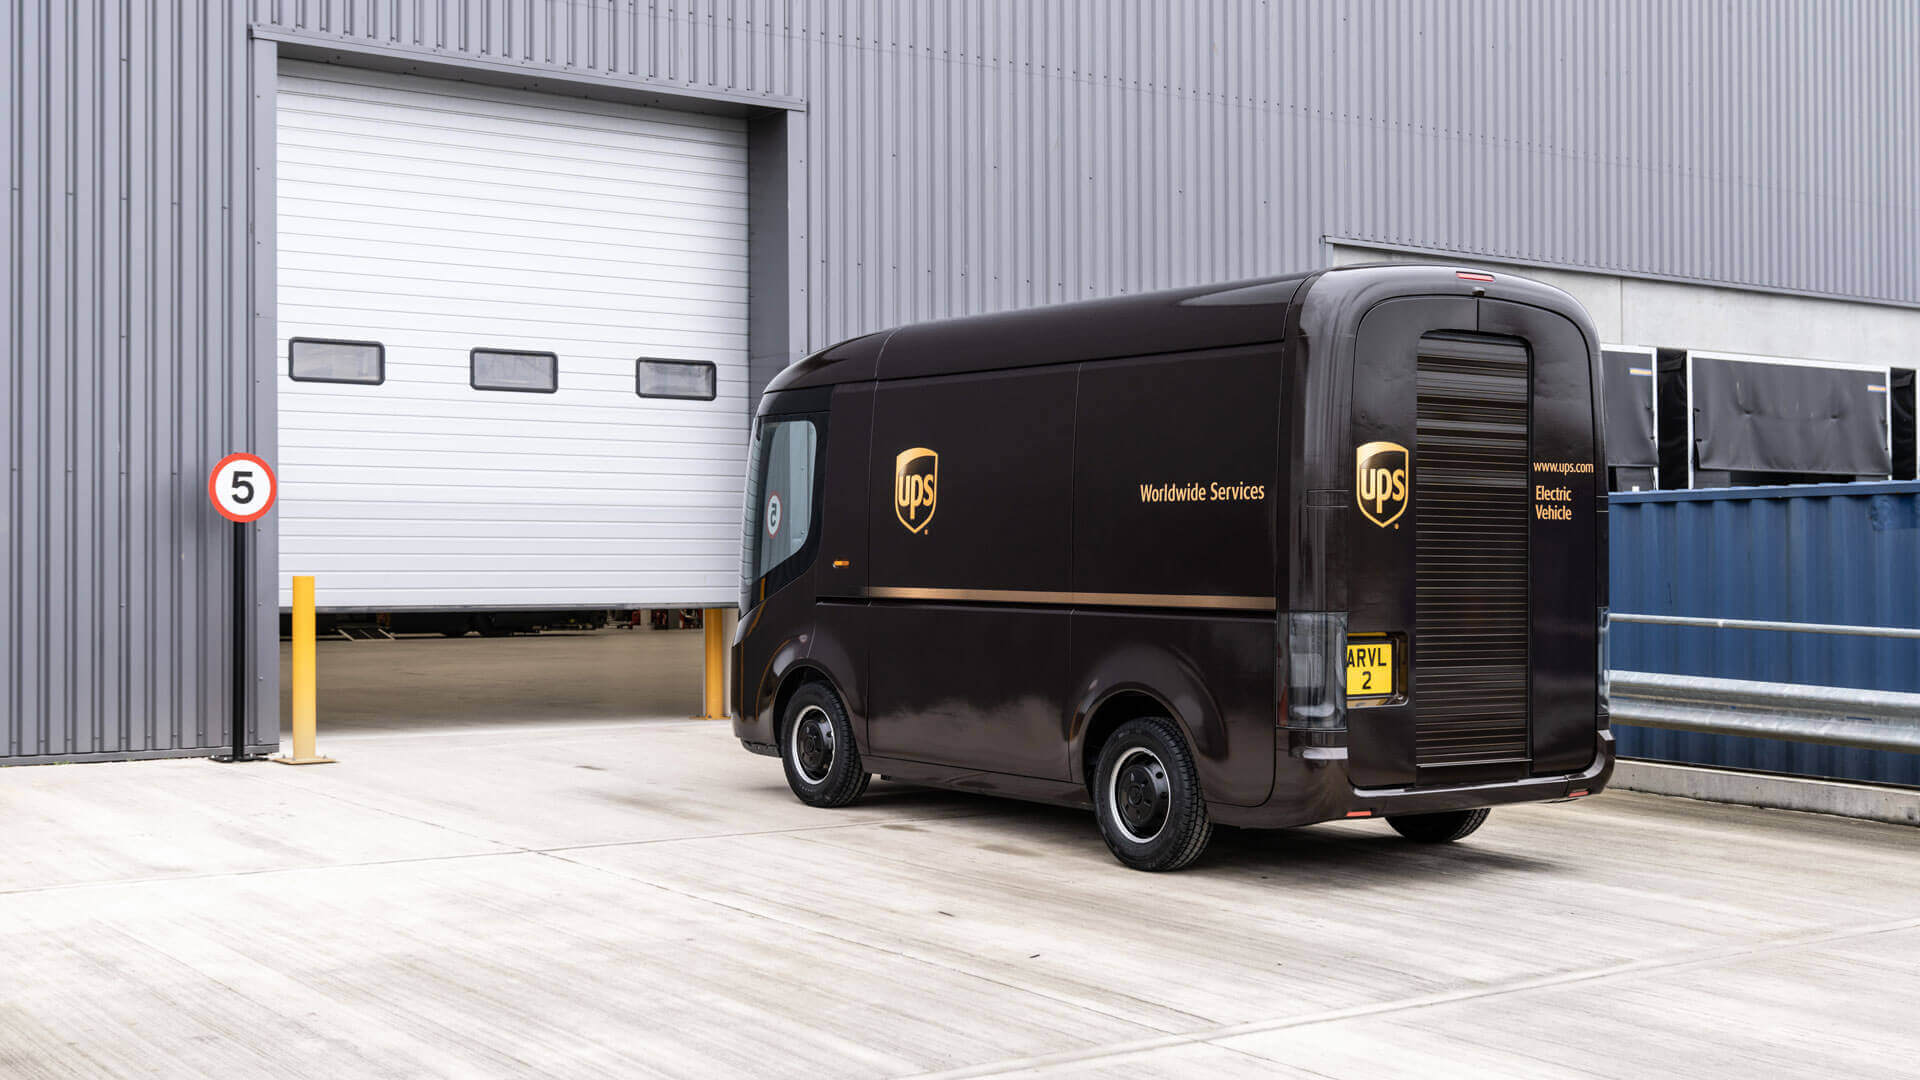 UPS заказывает 10 000 электрофургонов для доставки в Arrival